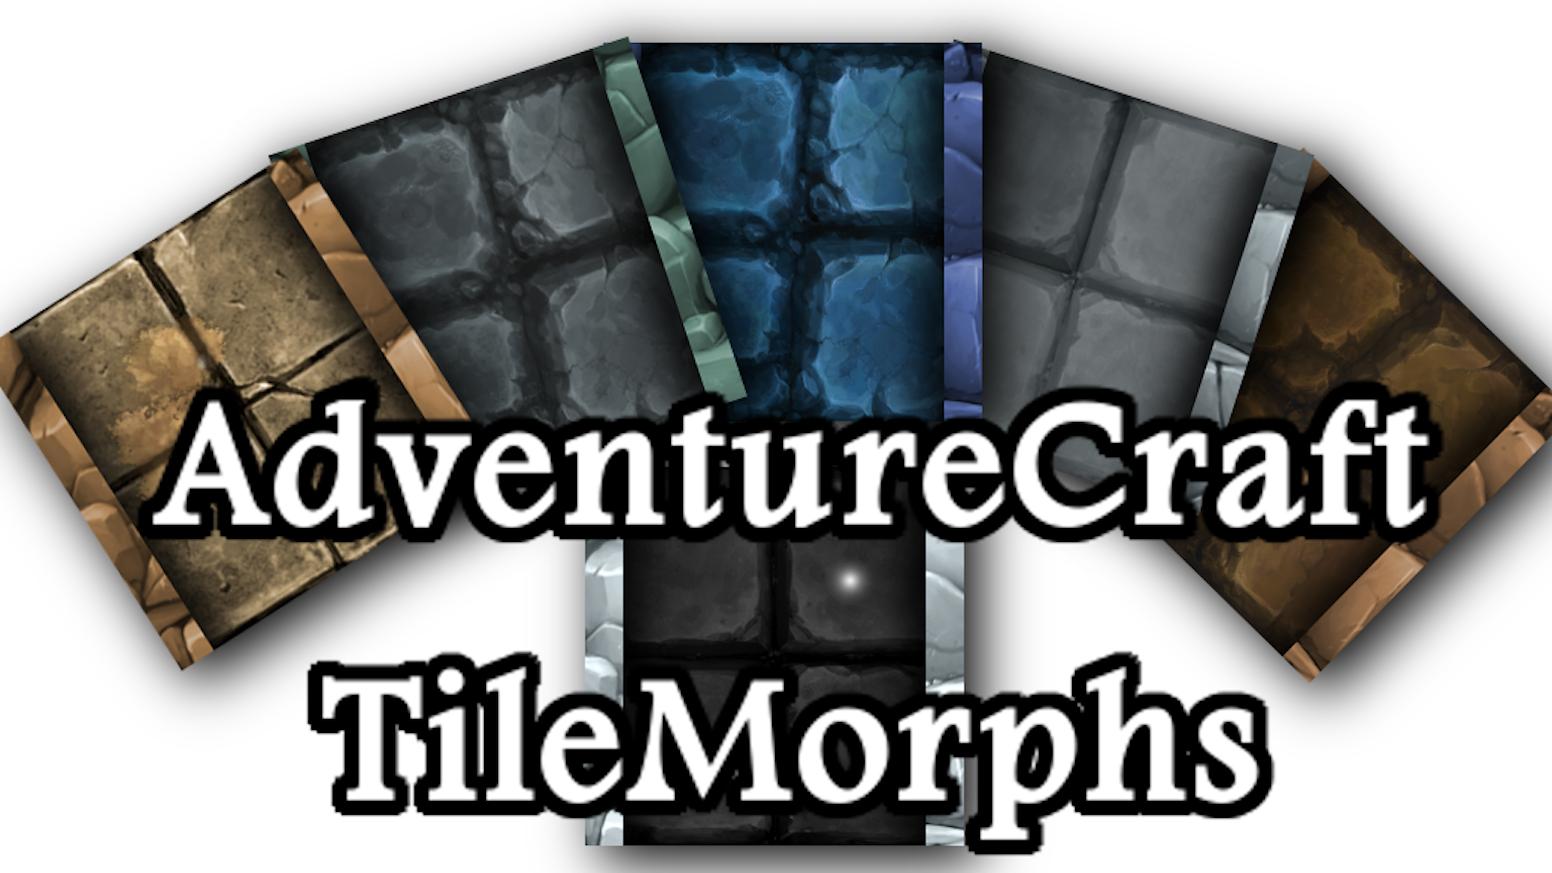 adventurecraft tilemorphs for rpg s by glenn mcclune kickstarter